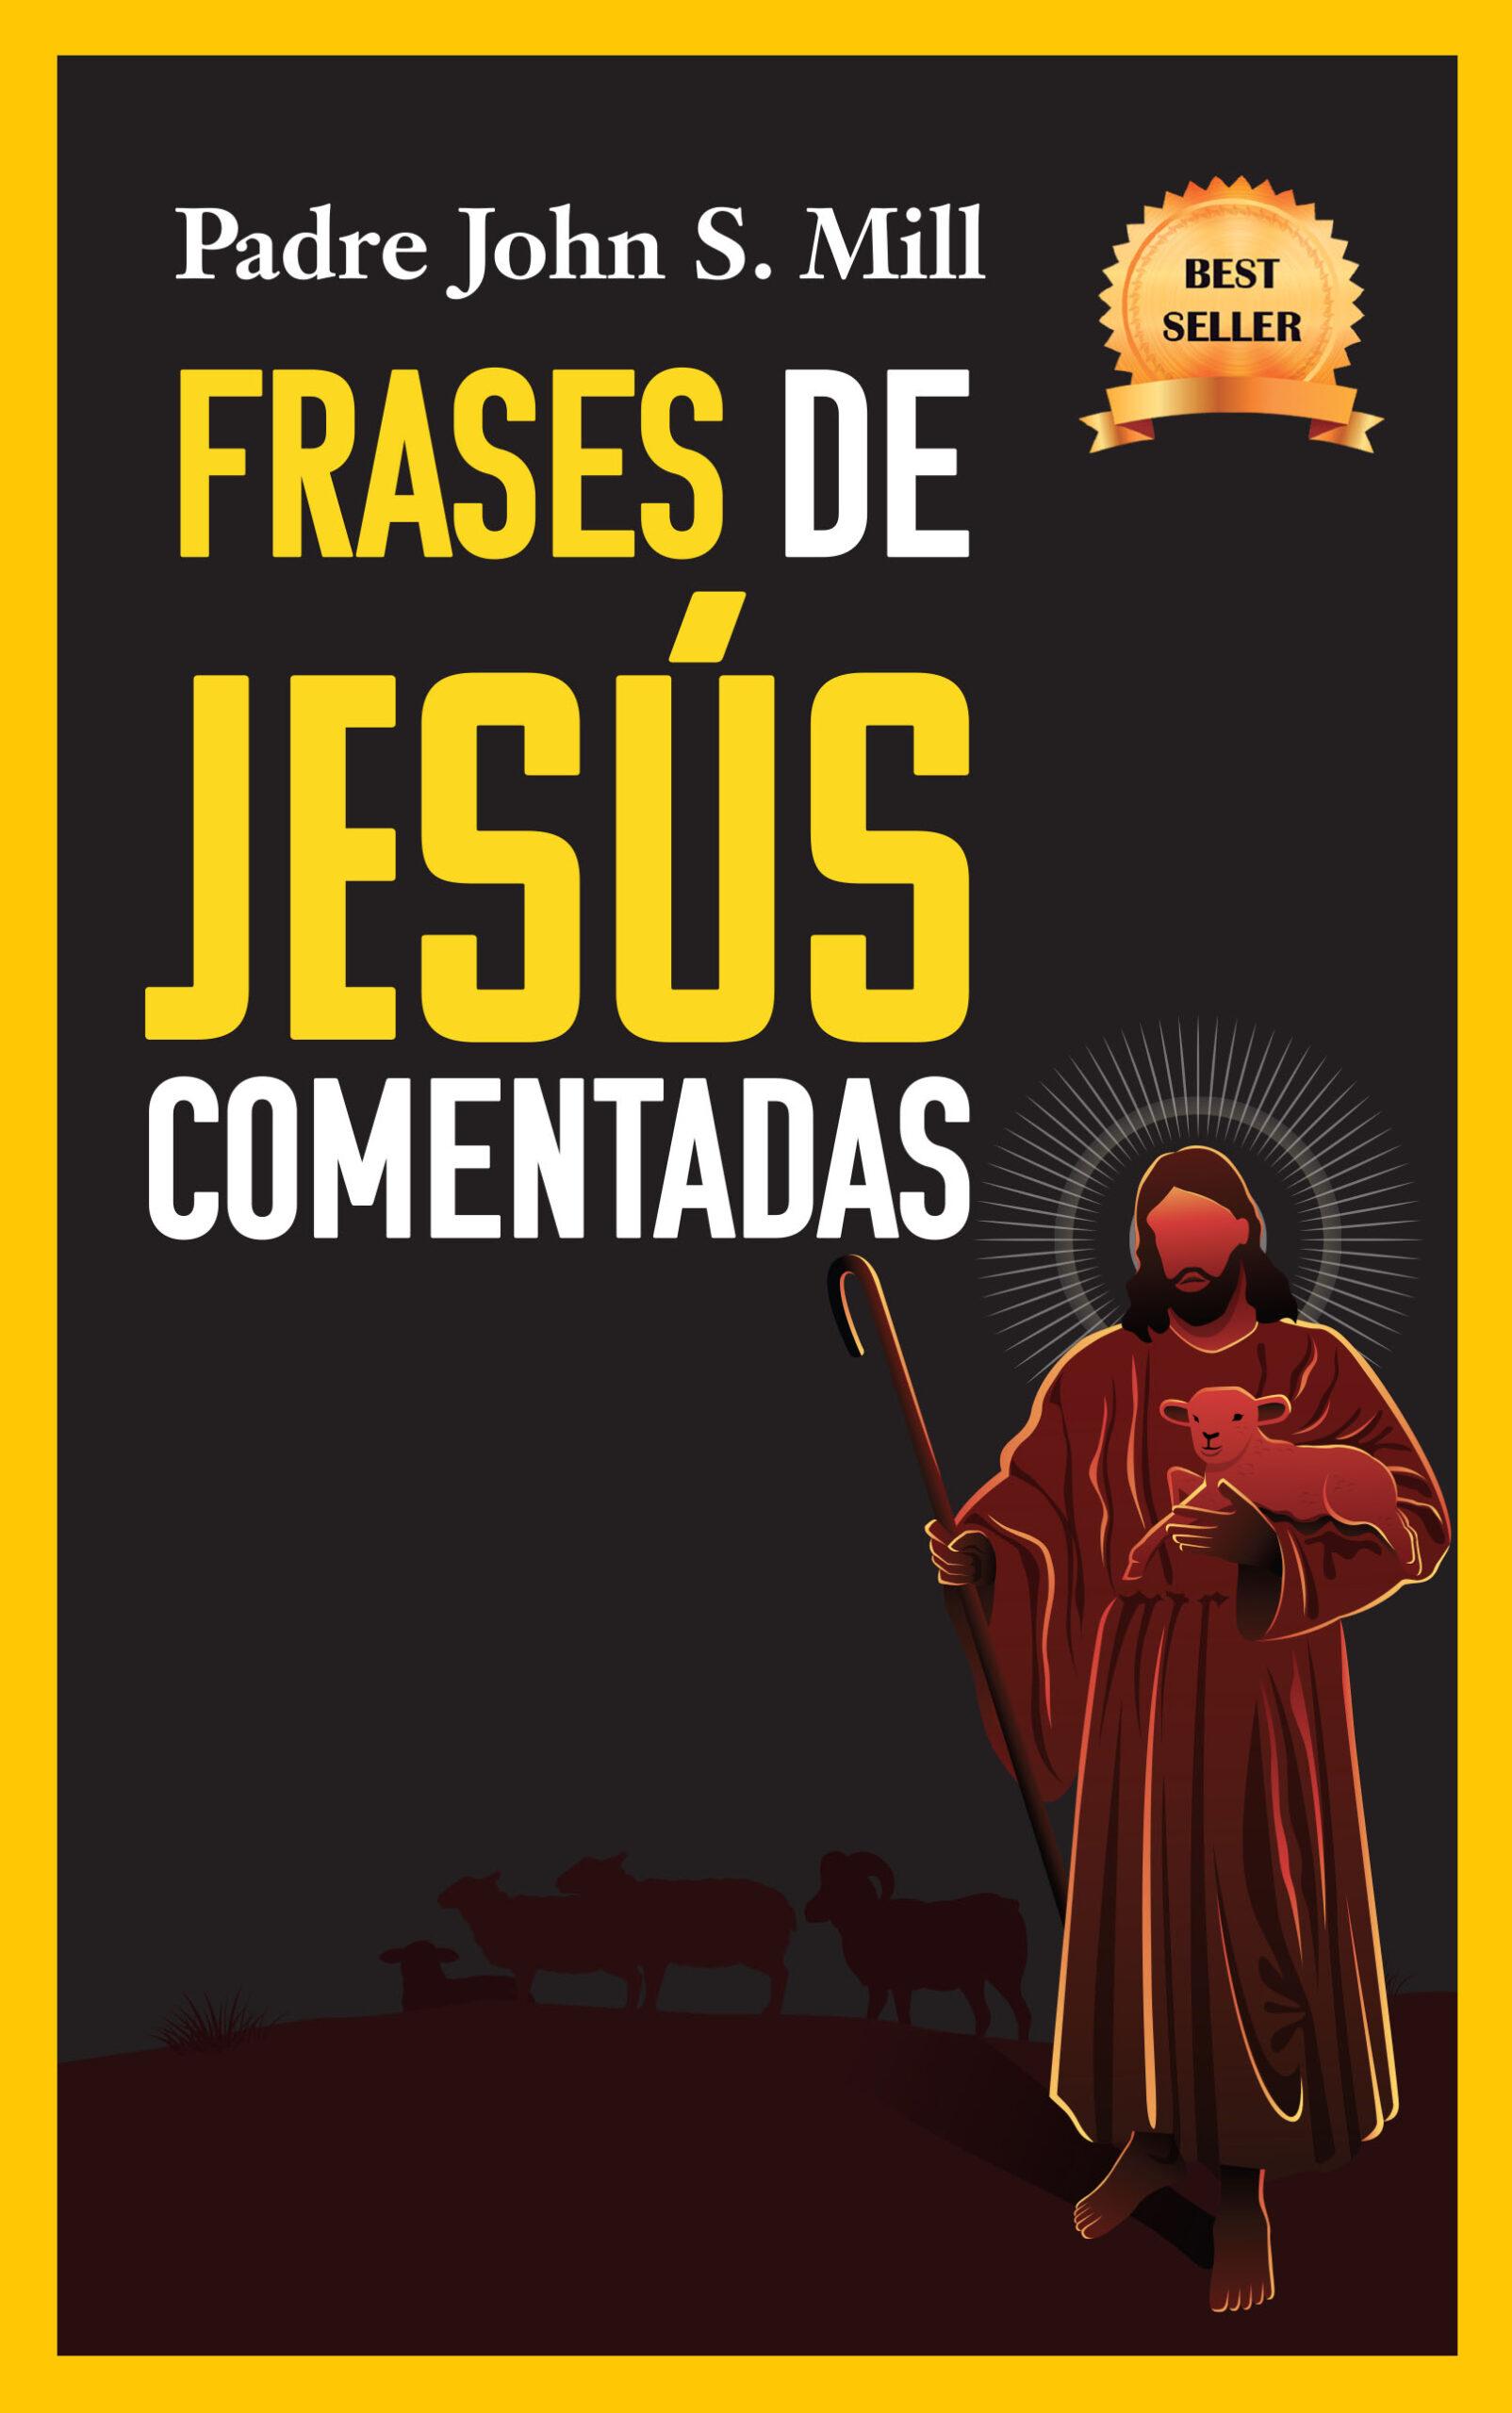 Frases de Jesús comentadas